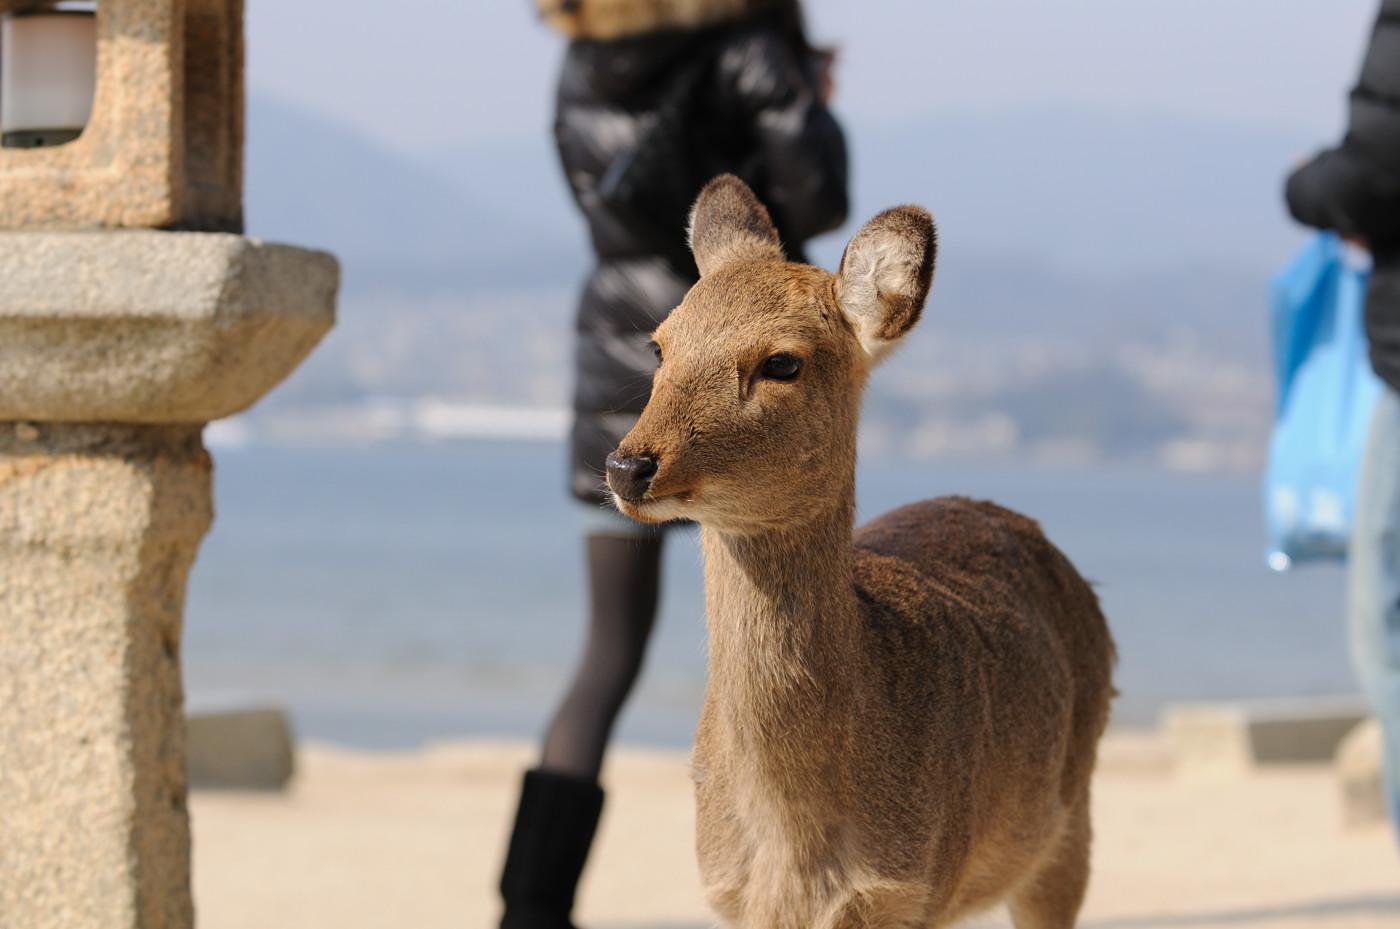 鹿せんべいを食べたい鹿さんその1